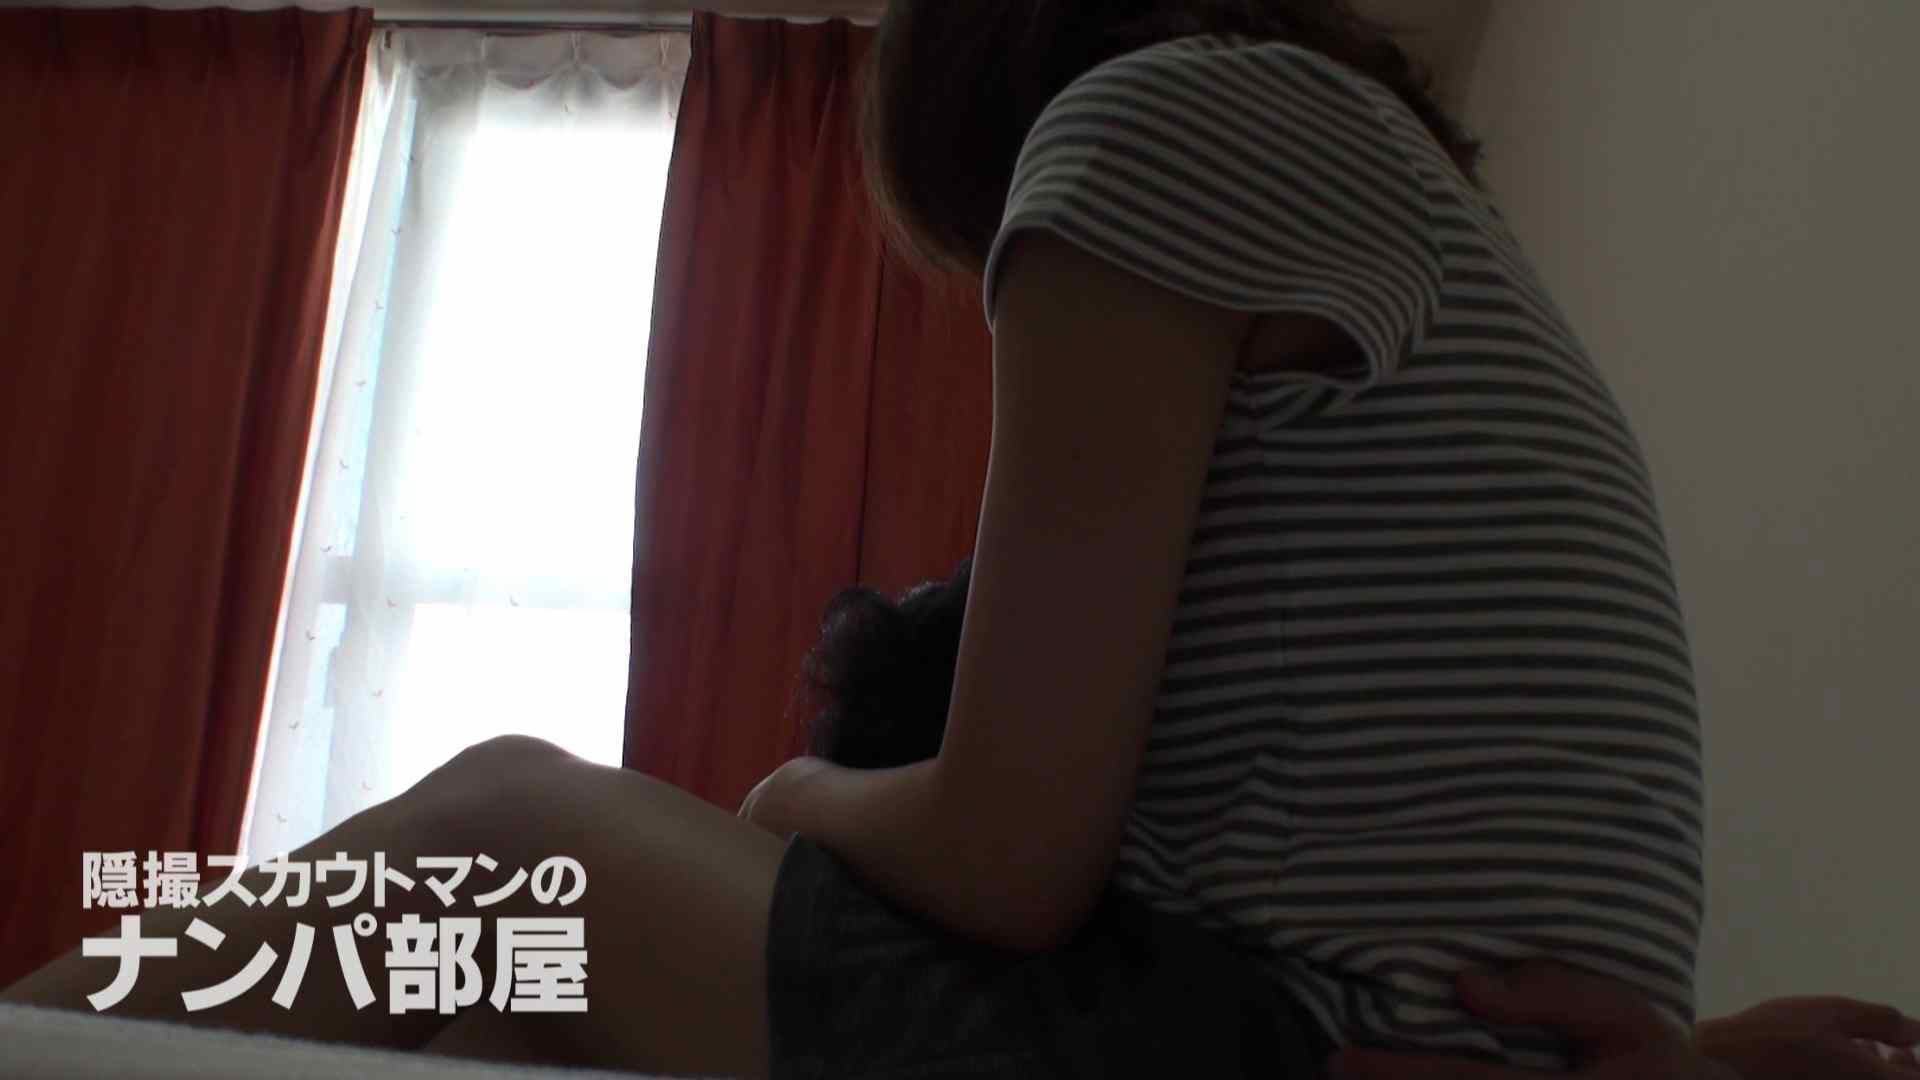 隠撮スカウトマンのナンパ部屋~風俗デビュー前のつまみ食い~ siivol.3 ナンパ  92PIX 56